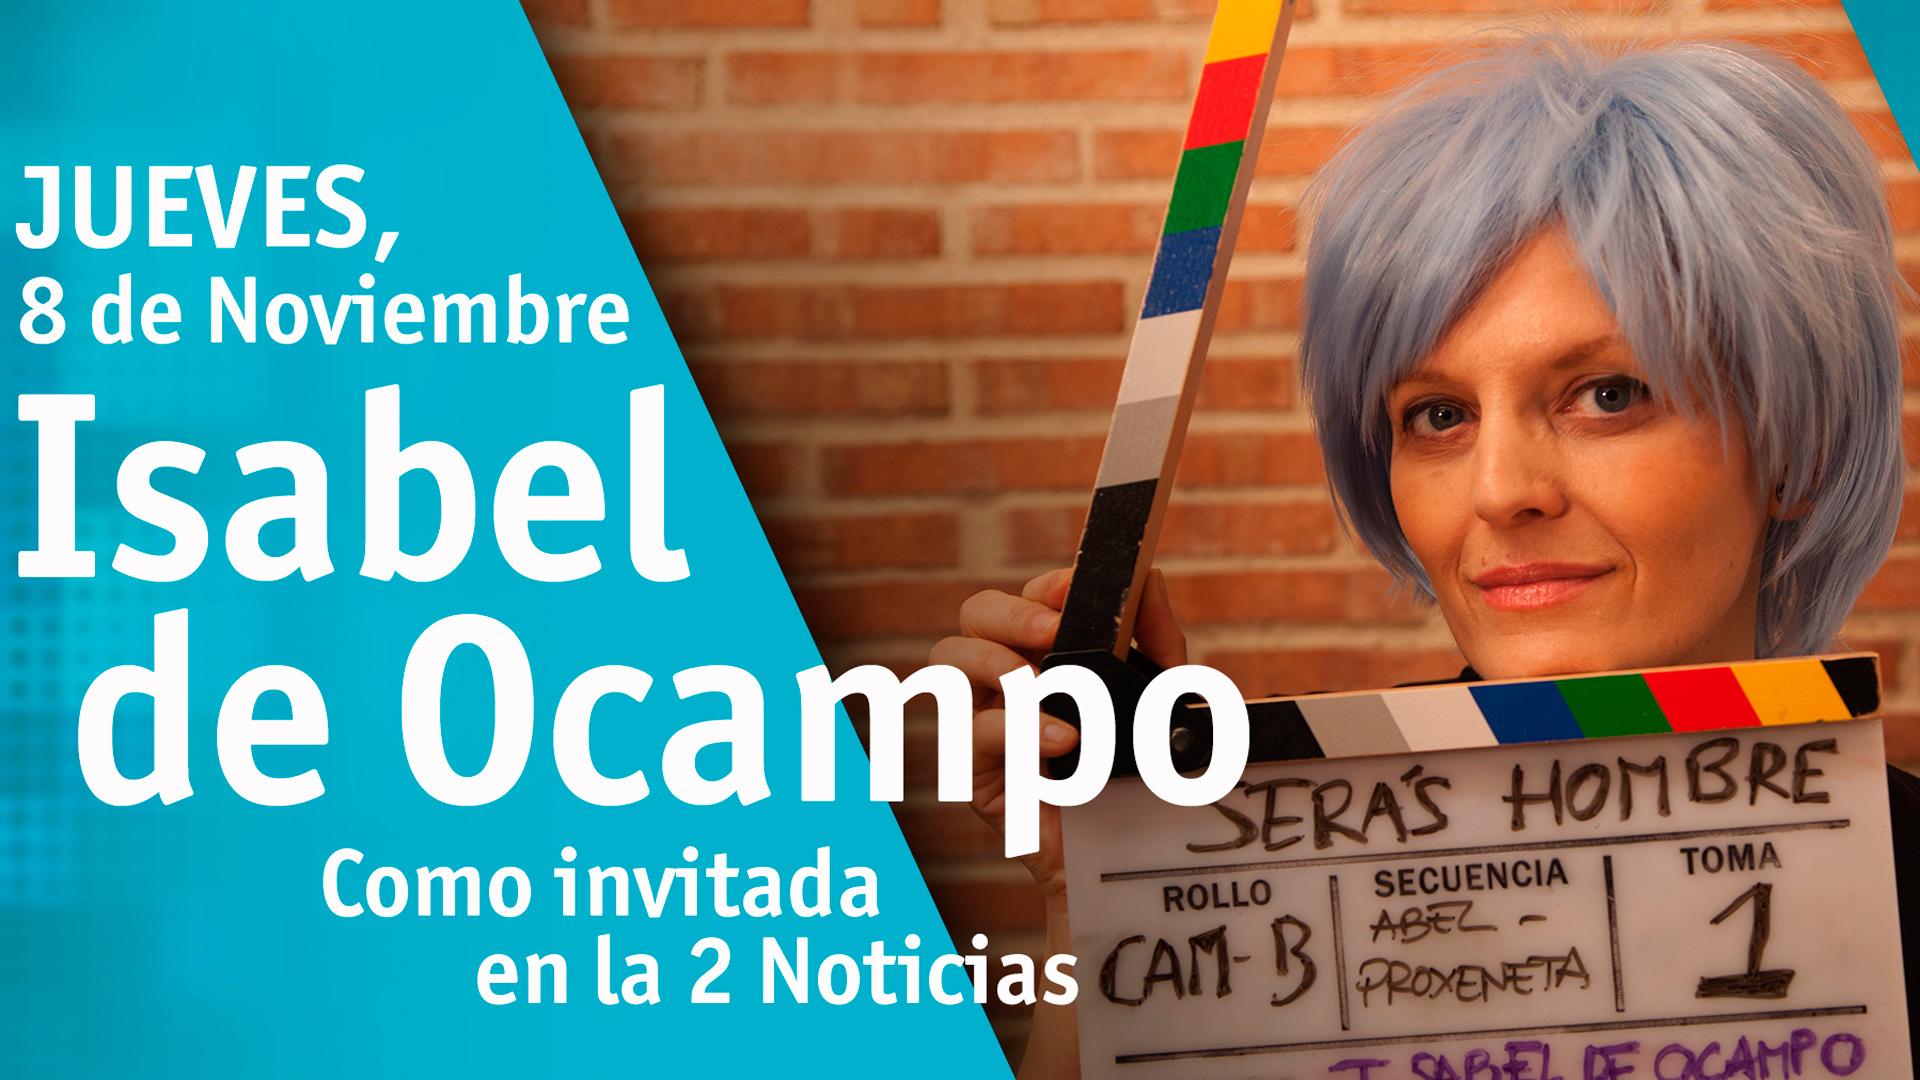 La directora Isabel de Ocampo presenta 'Serás hombre'